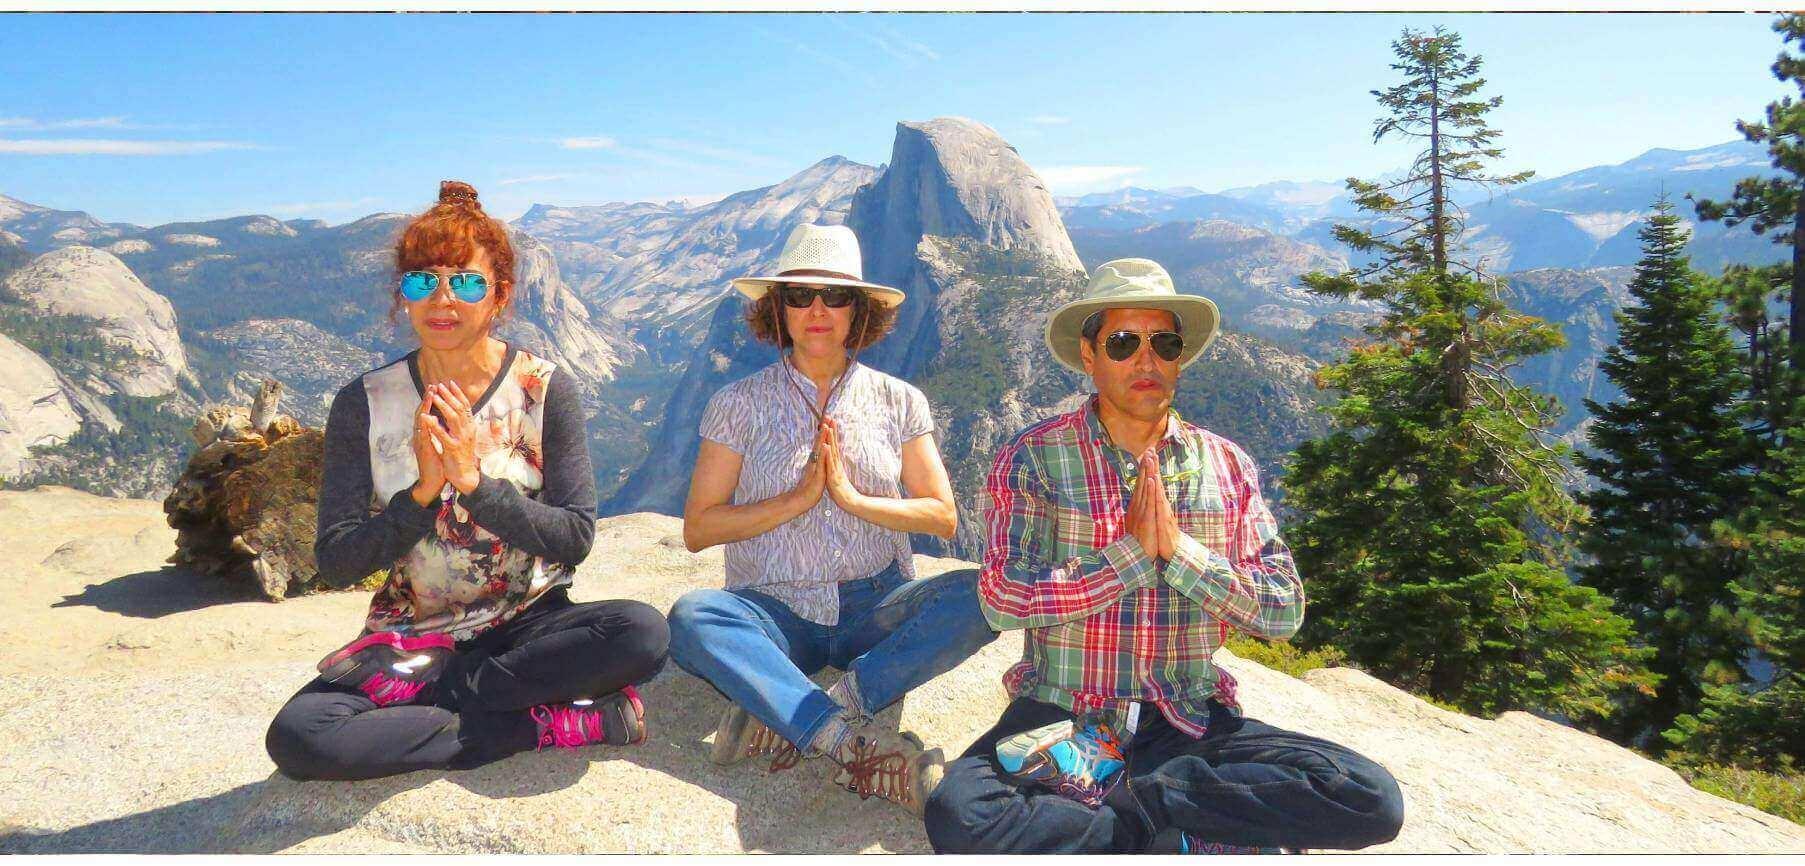 Discover-Yosemite-National-Park-Natural-Wonders